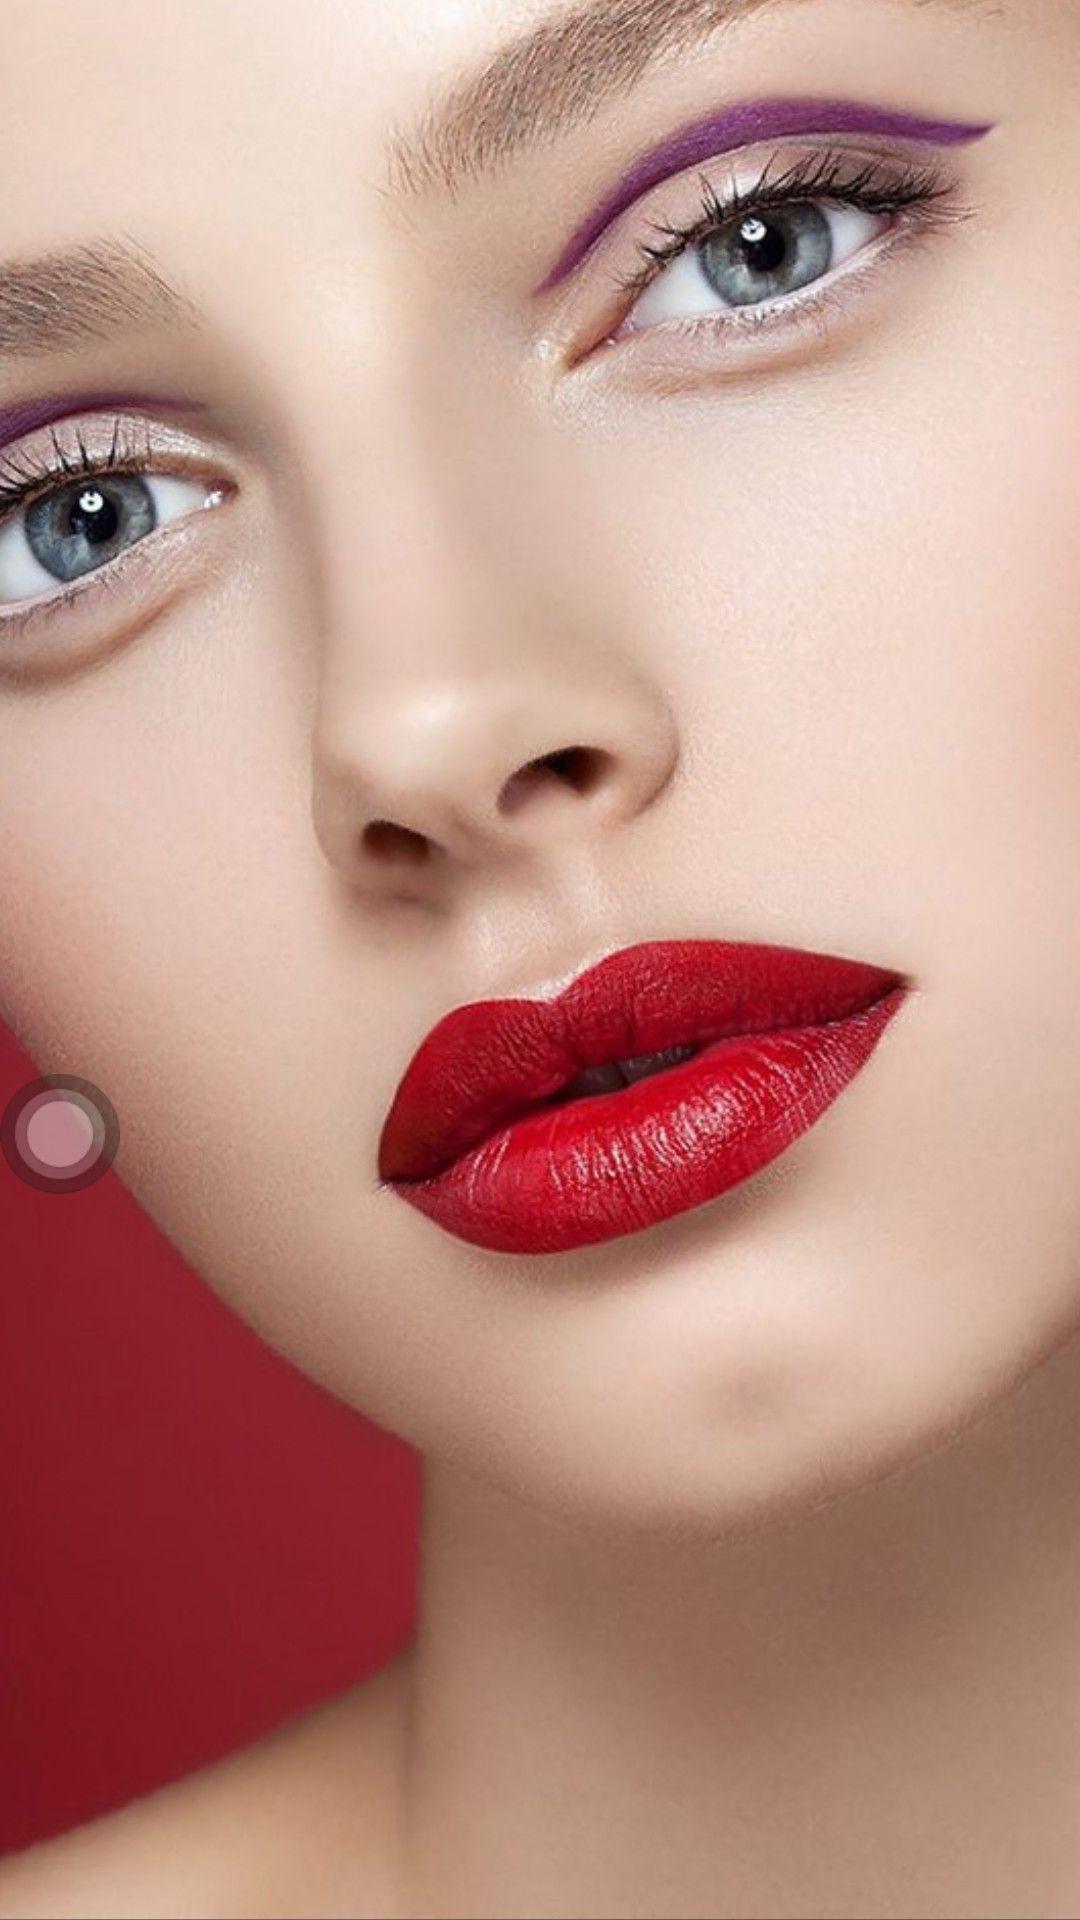 Pin By Catsua Watanabe On Beauty Beautiful Lips Perfect Red Lips Eye Makeup